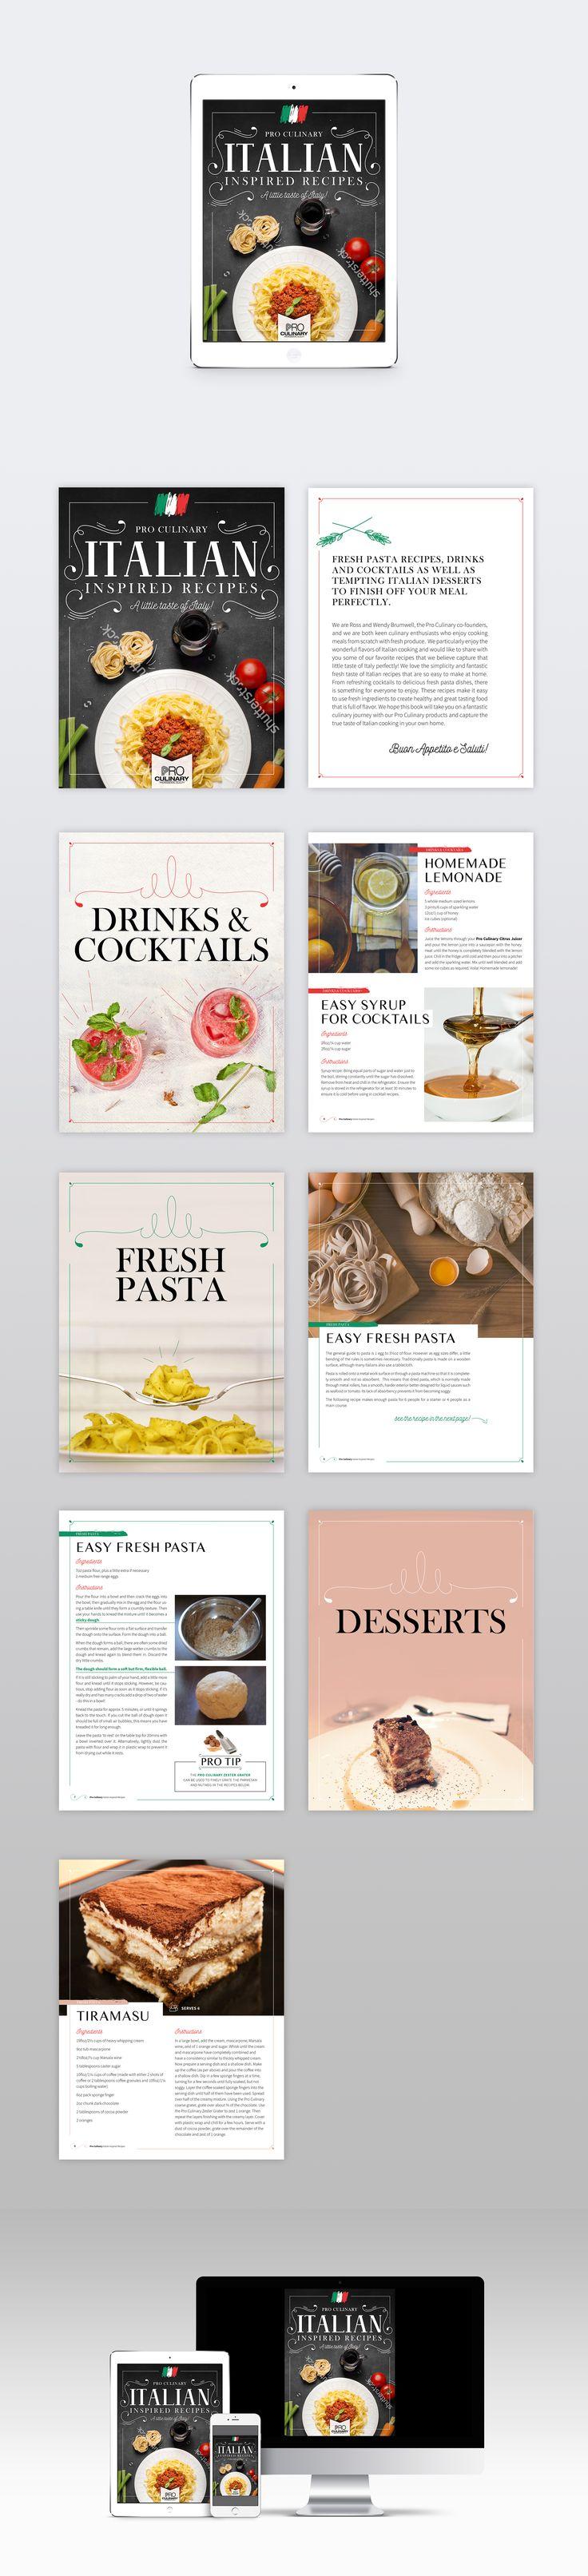 8d542791260aeeac52206a378f8a689d Italian Recipes Book Cover Design